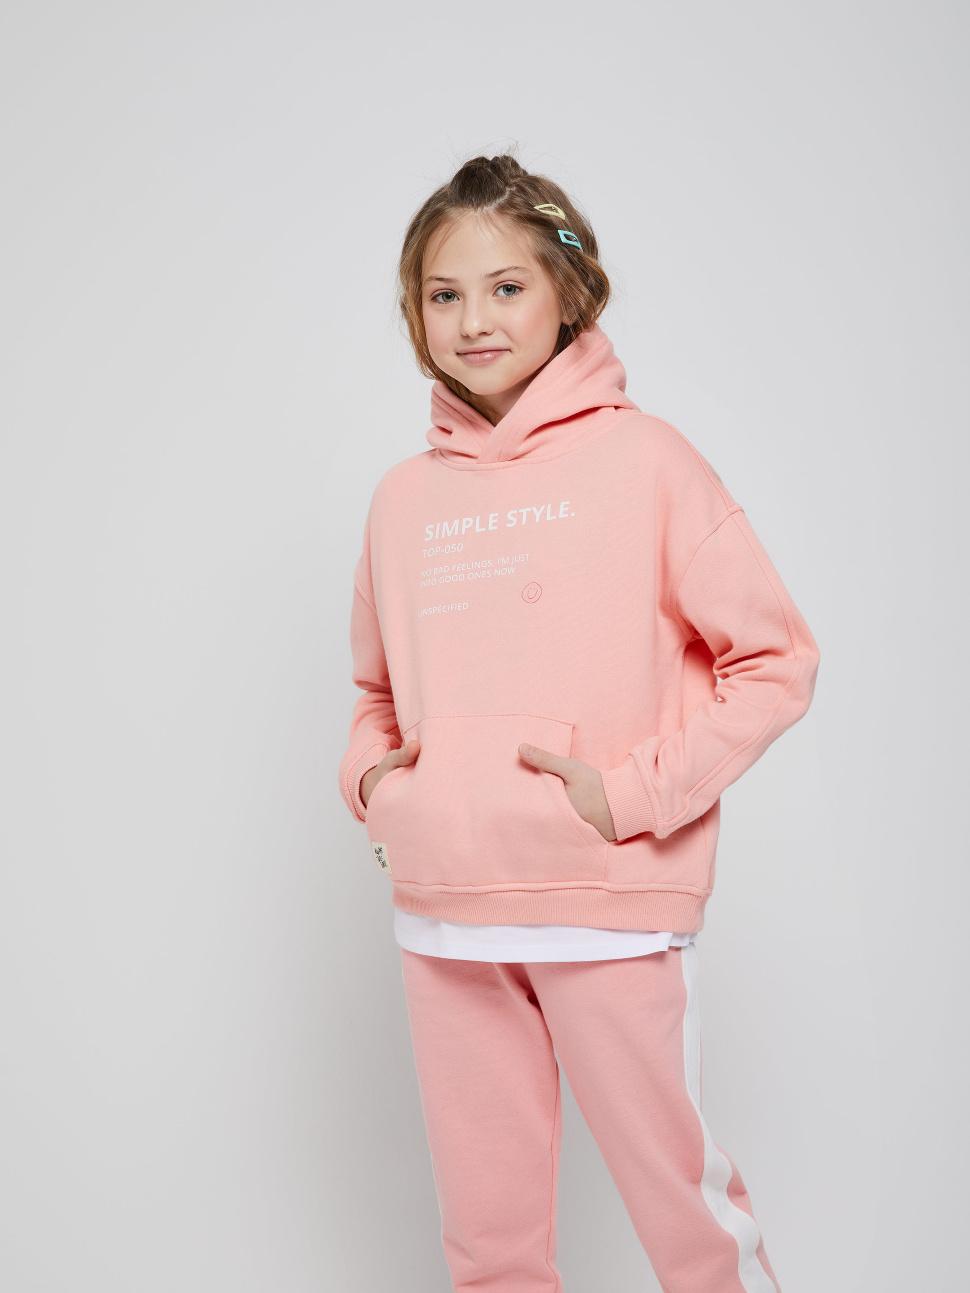 Джемпер для девочек цвет: оранжевый, артикул: 18020504310 - купить в интернет-магазине sela